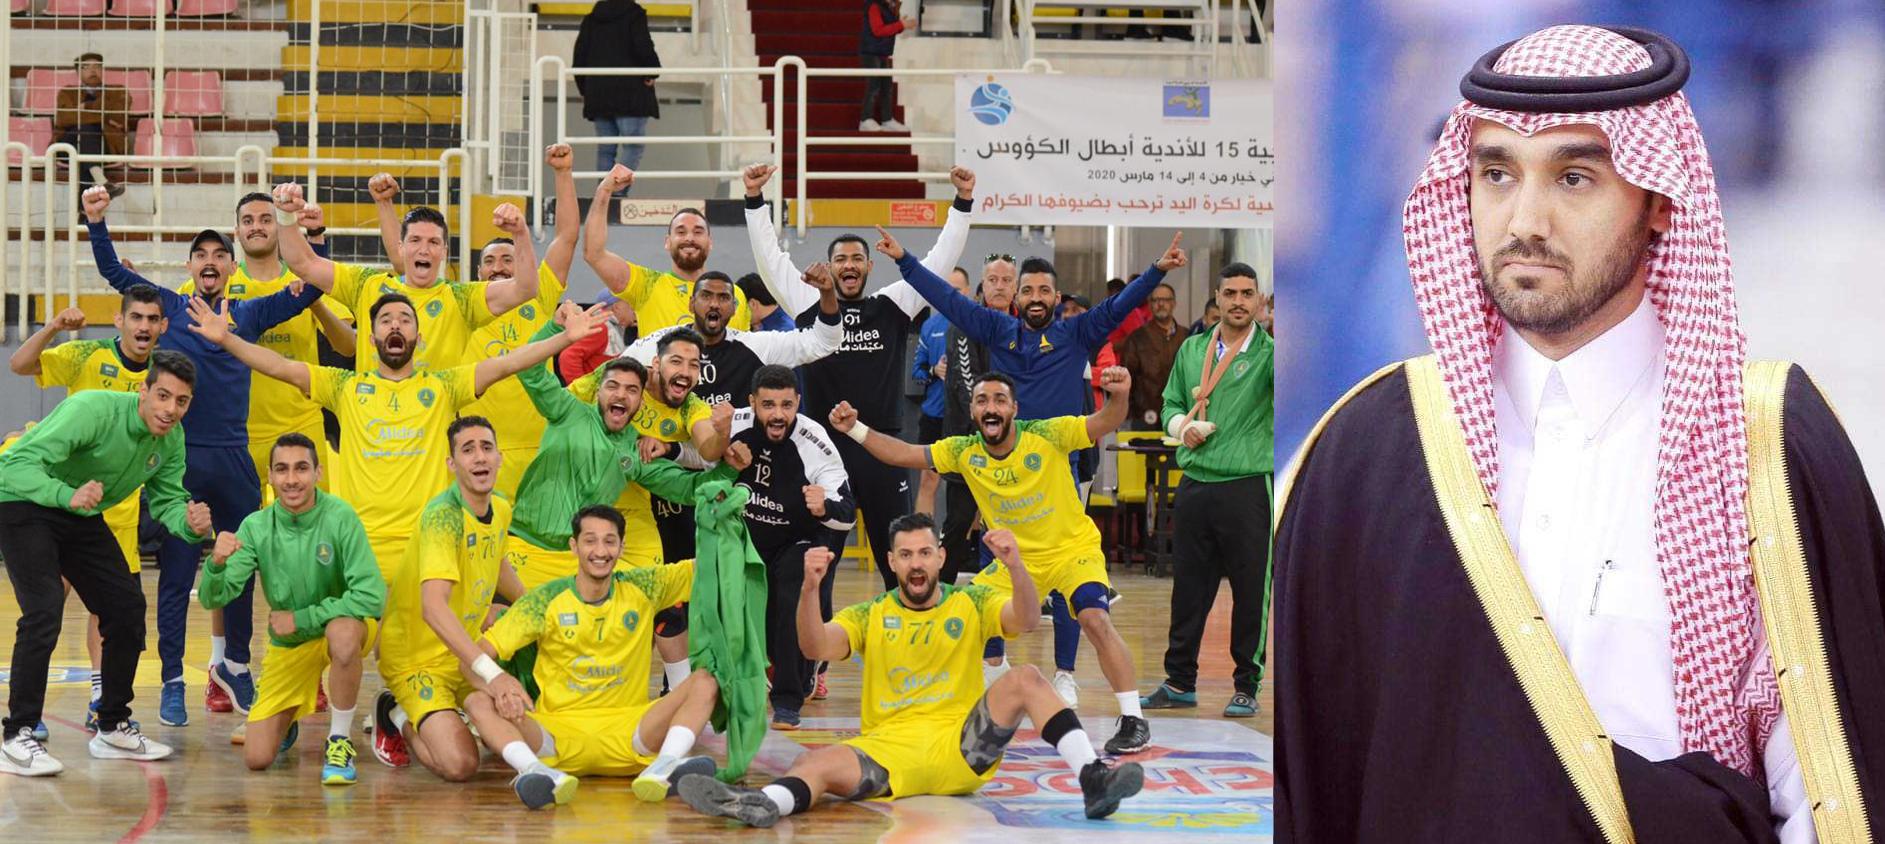 وزير الرياضية يبعث بتهنئته الخاصة بحلول شهر رمضان لبعثة نادي الخليج بتونس ويقدم مكافأة